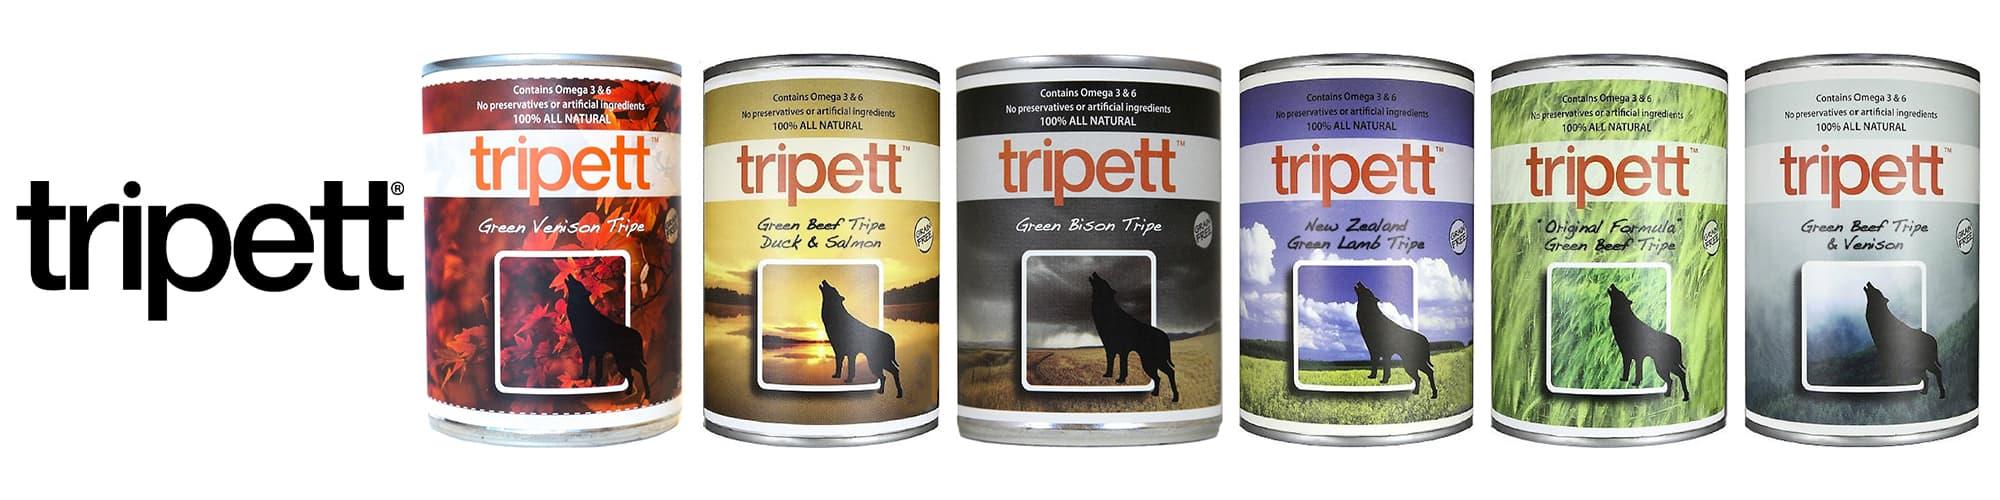 PetKind Tripett Dog Food Review